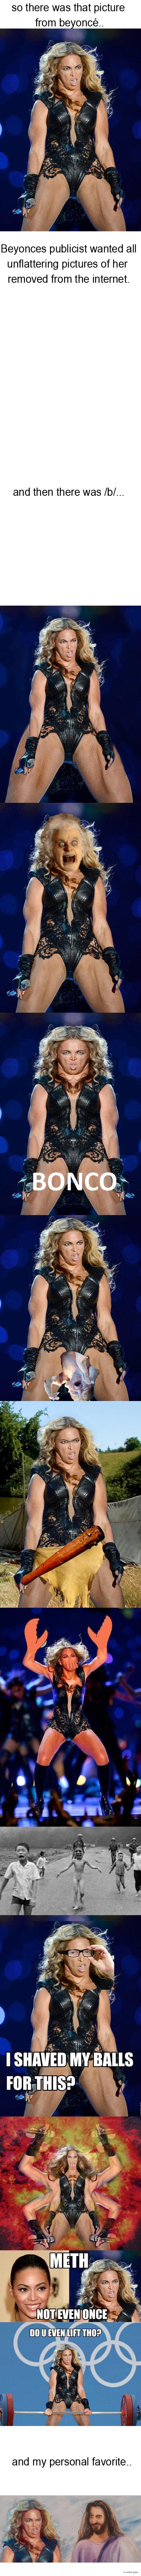 Beyoncé + /b/ =. dont look et teh tags. the game